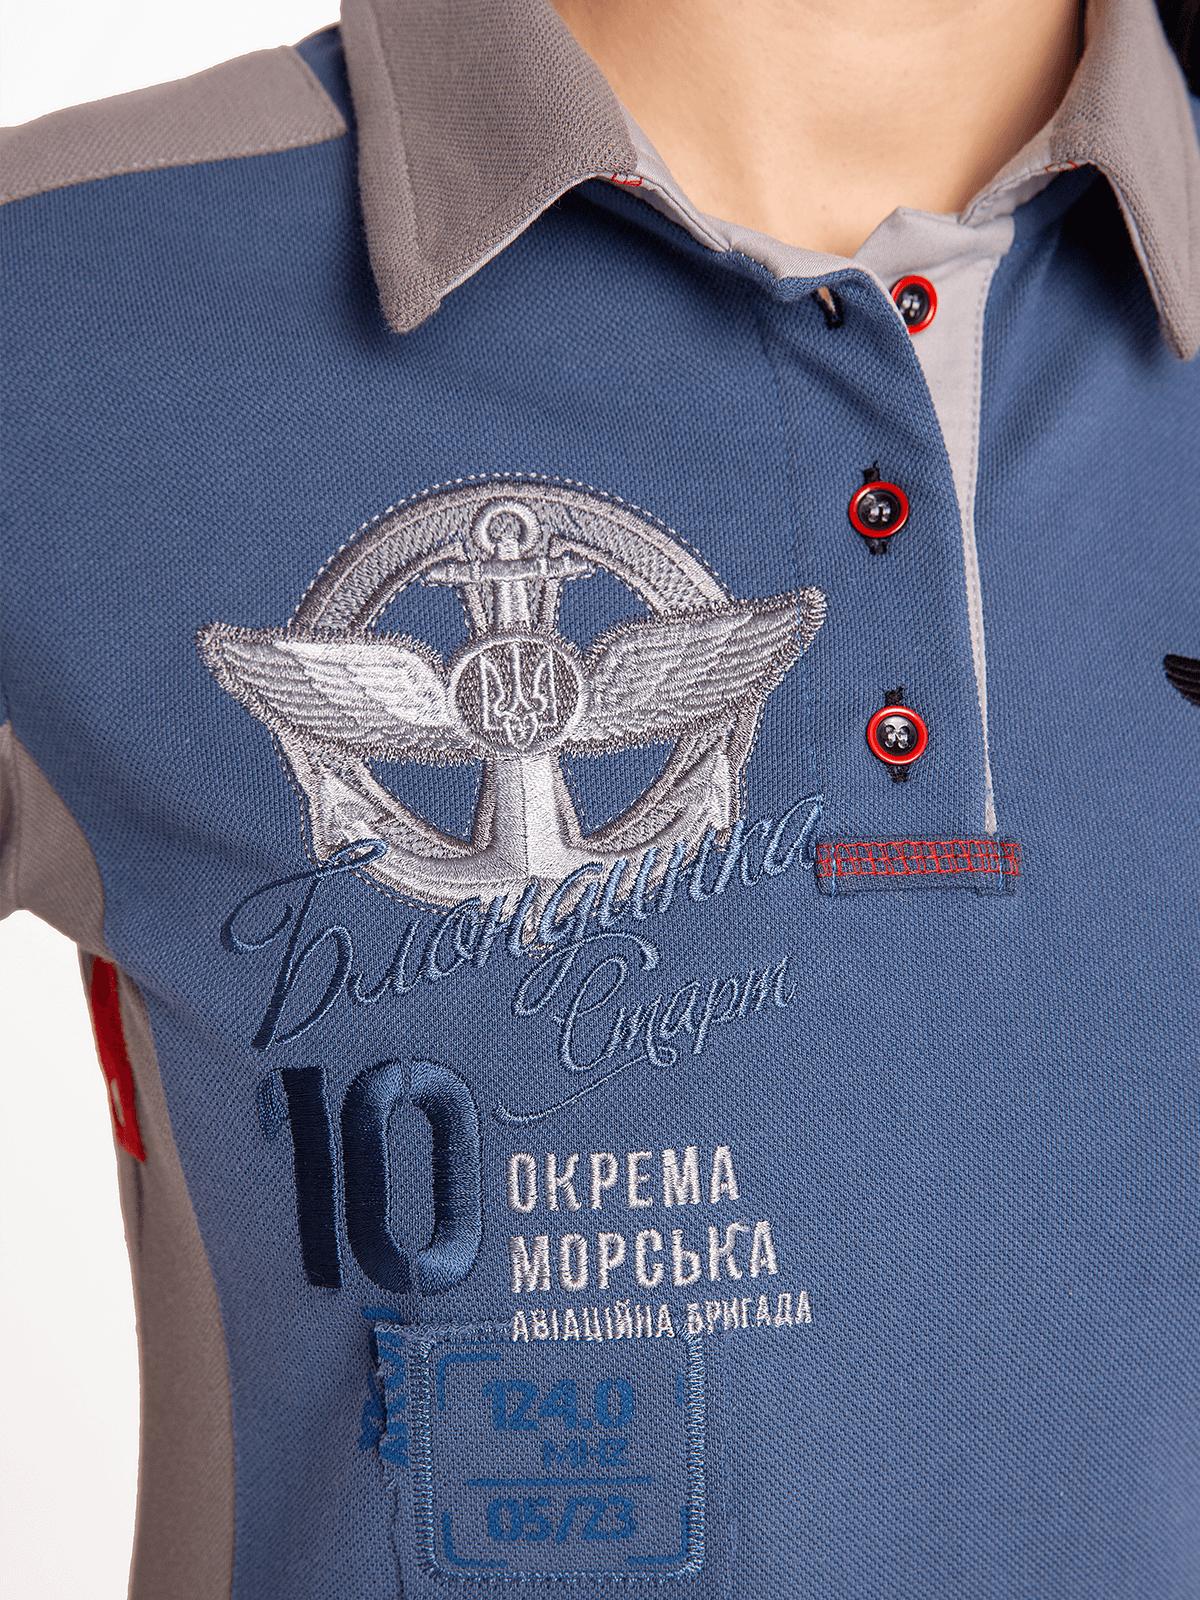 Men's Polo Shirt 10 Brigade. Color denim.  Height of the model: 180 cm.